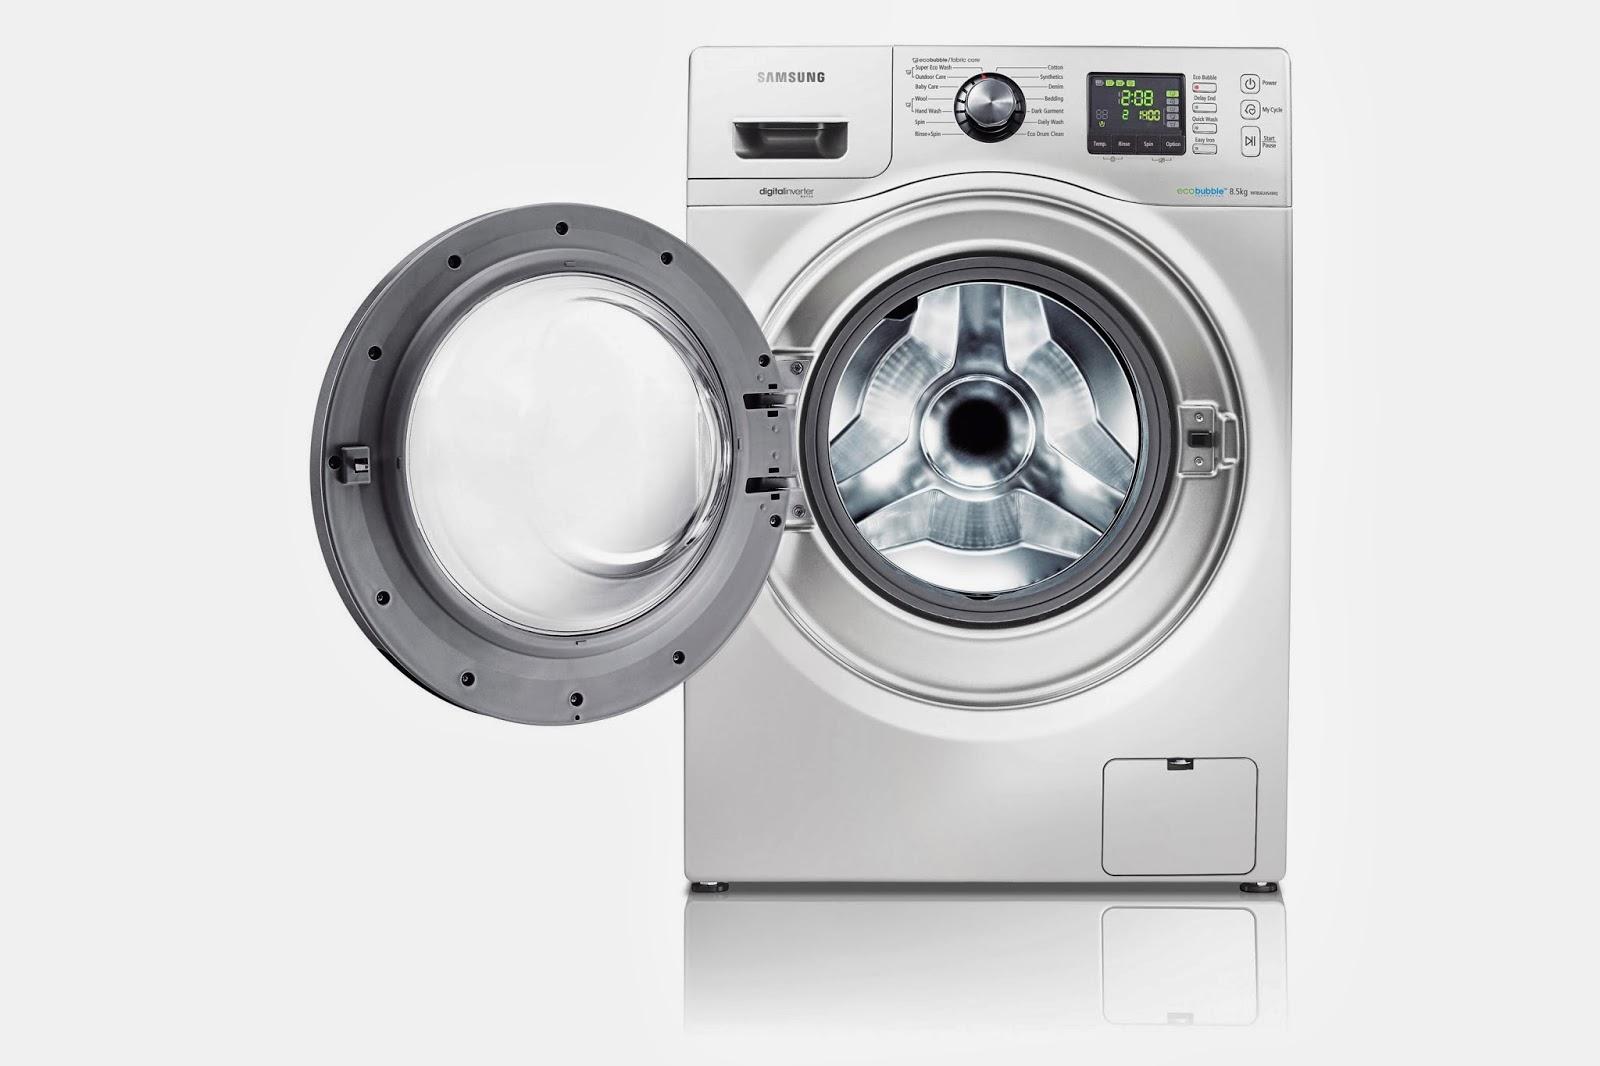 Daftar Harga Mesin Cuci Semua Merek Terbaru 2015